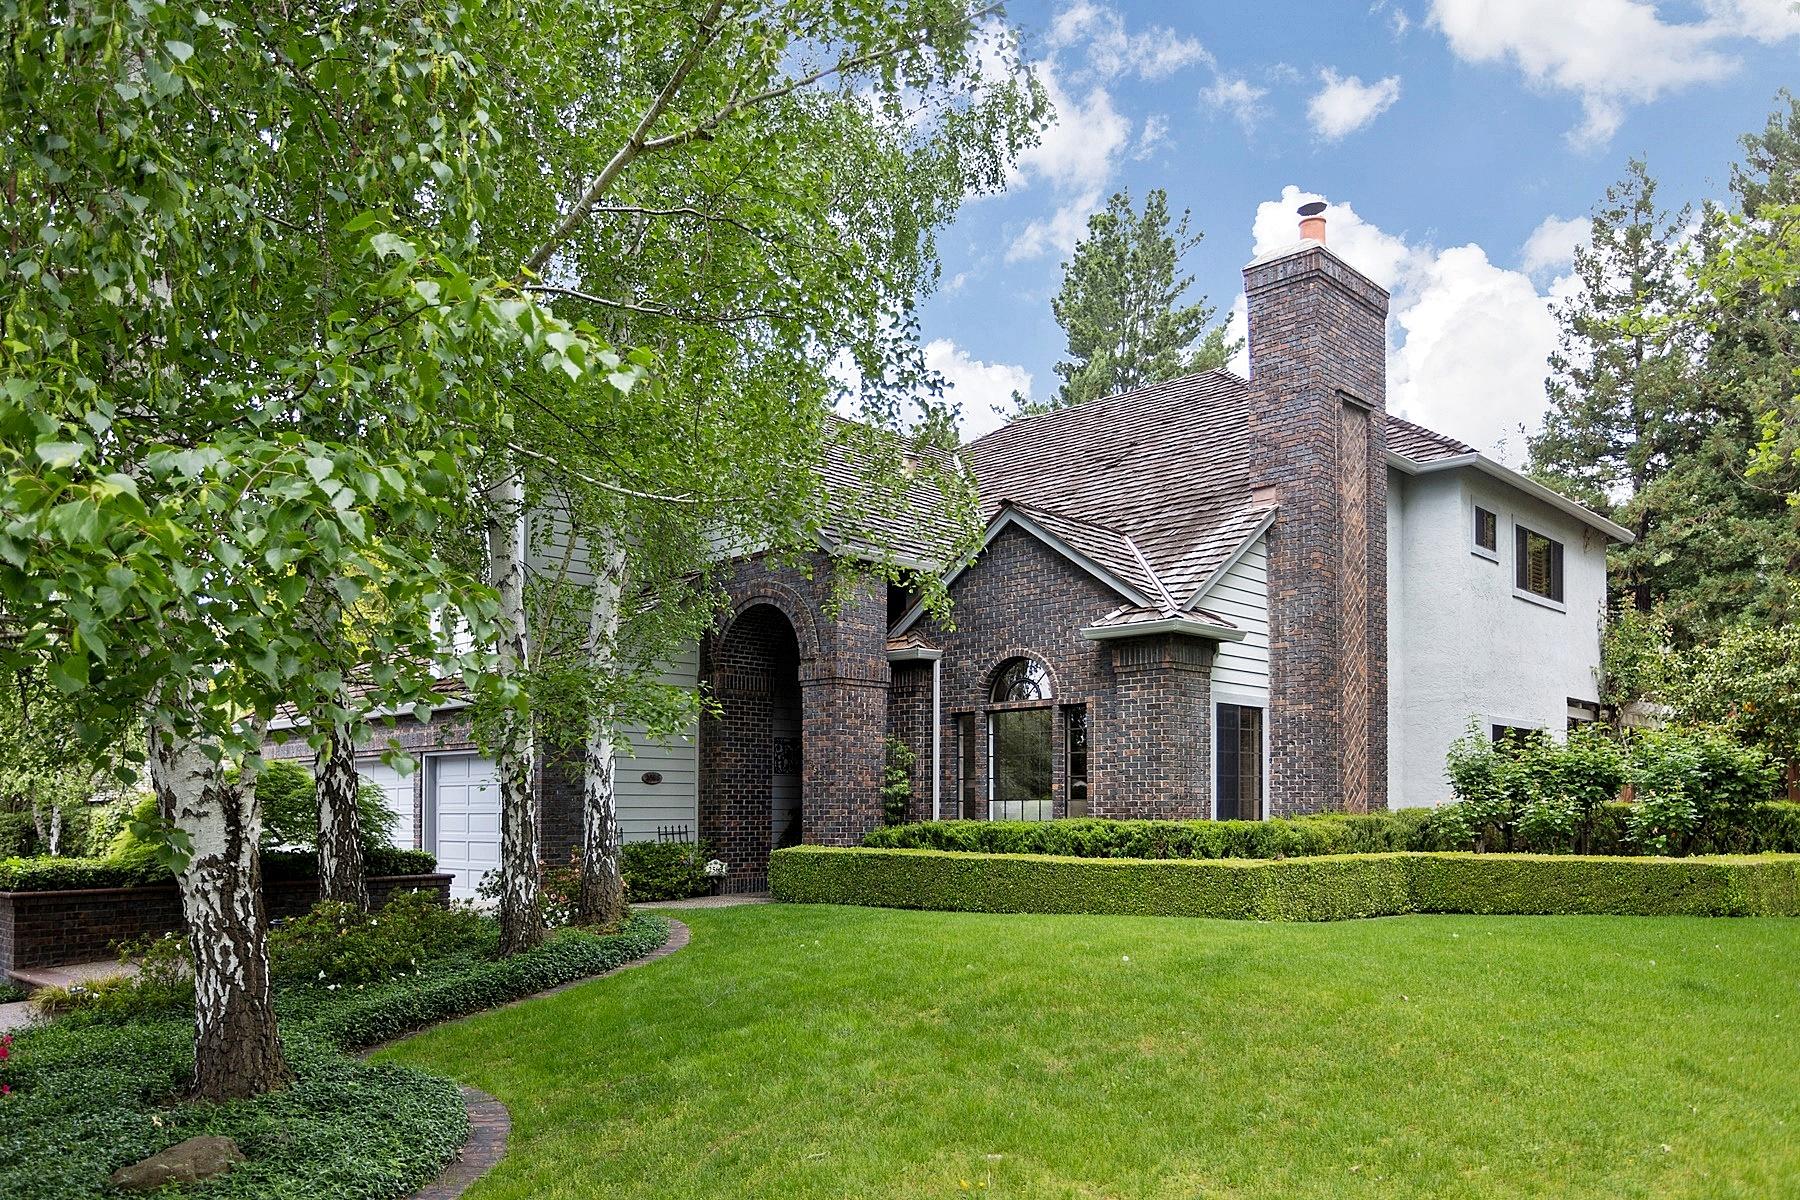 一戸建て のために 売買 アット Stunning Custom Estate 2565 Holly Oak Drive Danville, カリフォルニア, 94506 アメリカ合衆国